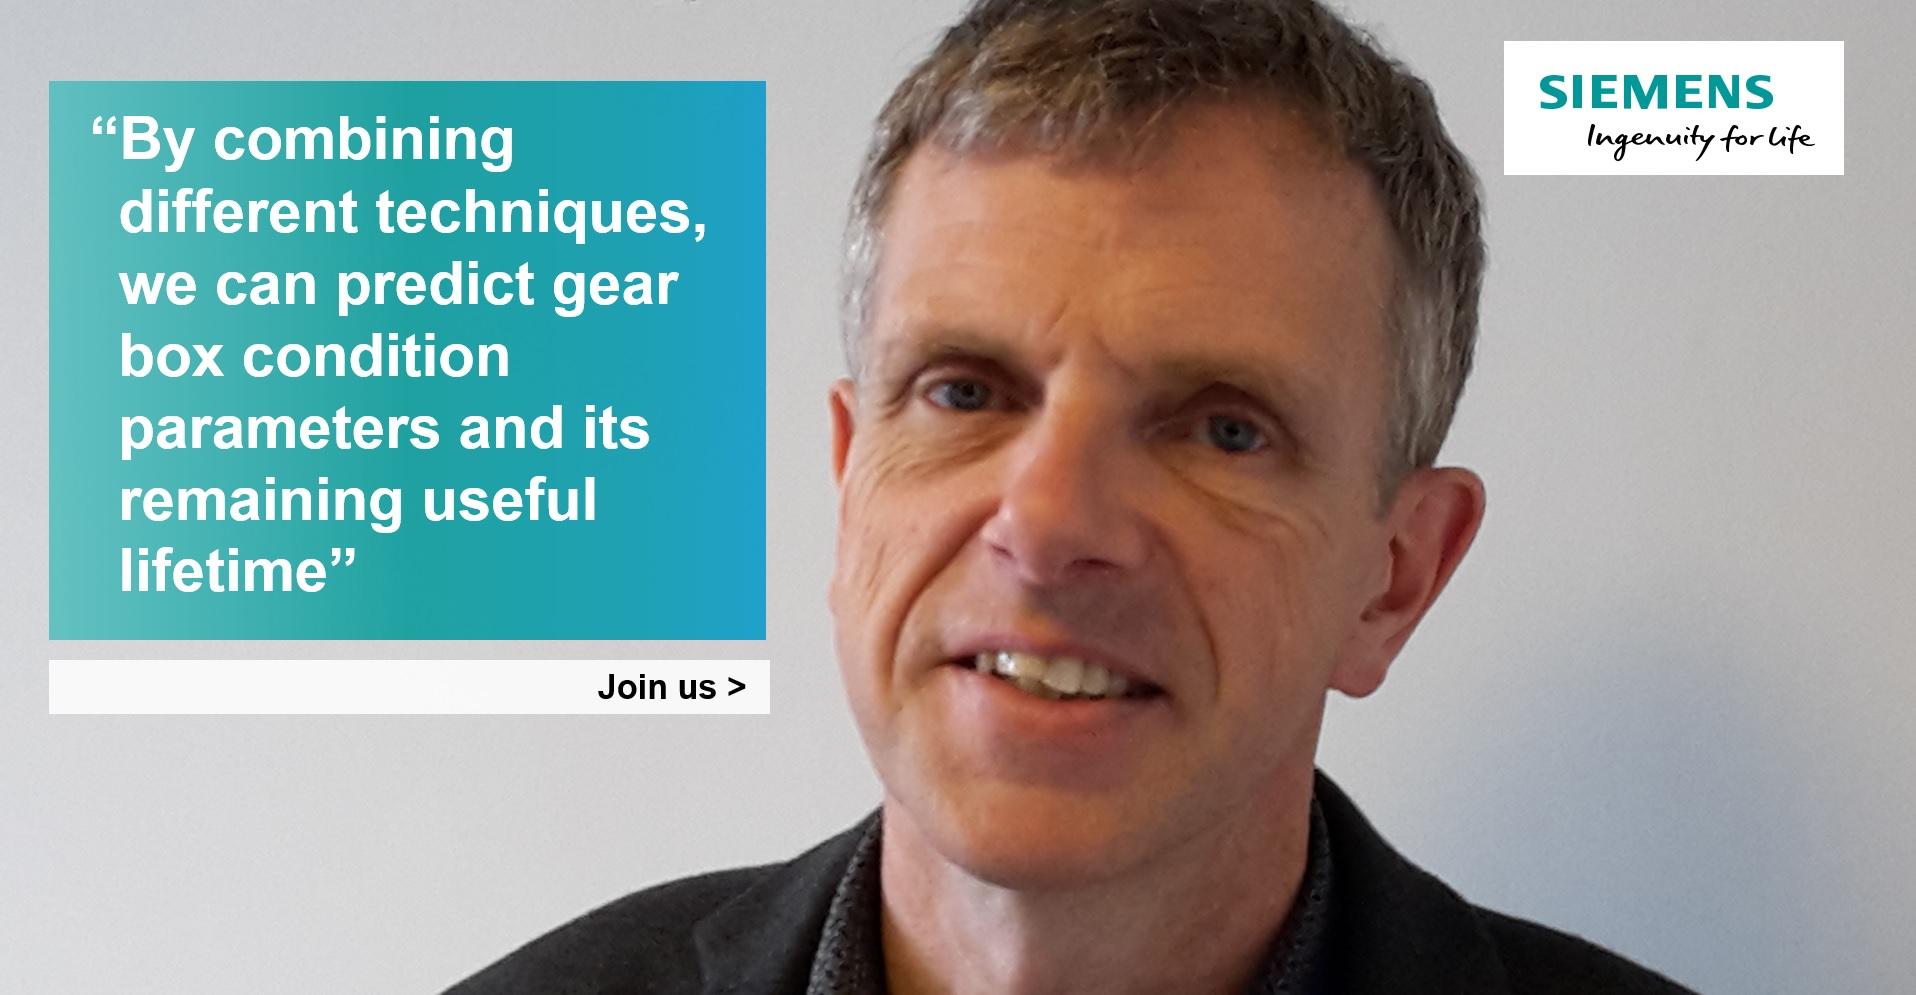 Wim-Hendricx-Winergy-quote.jpg